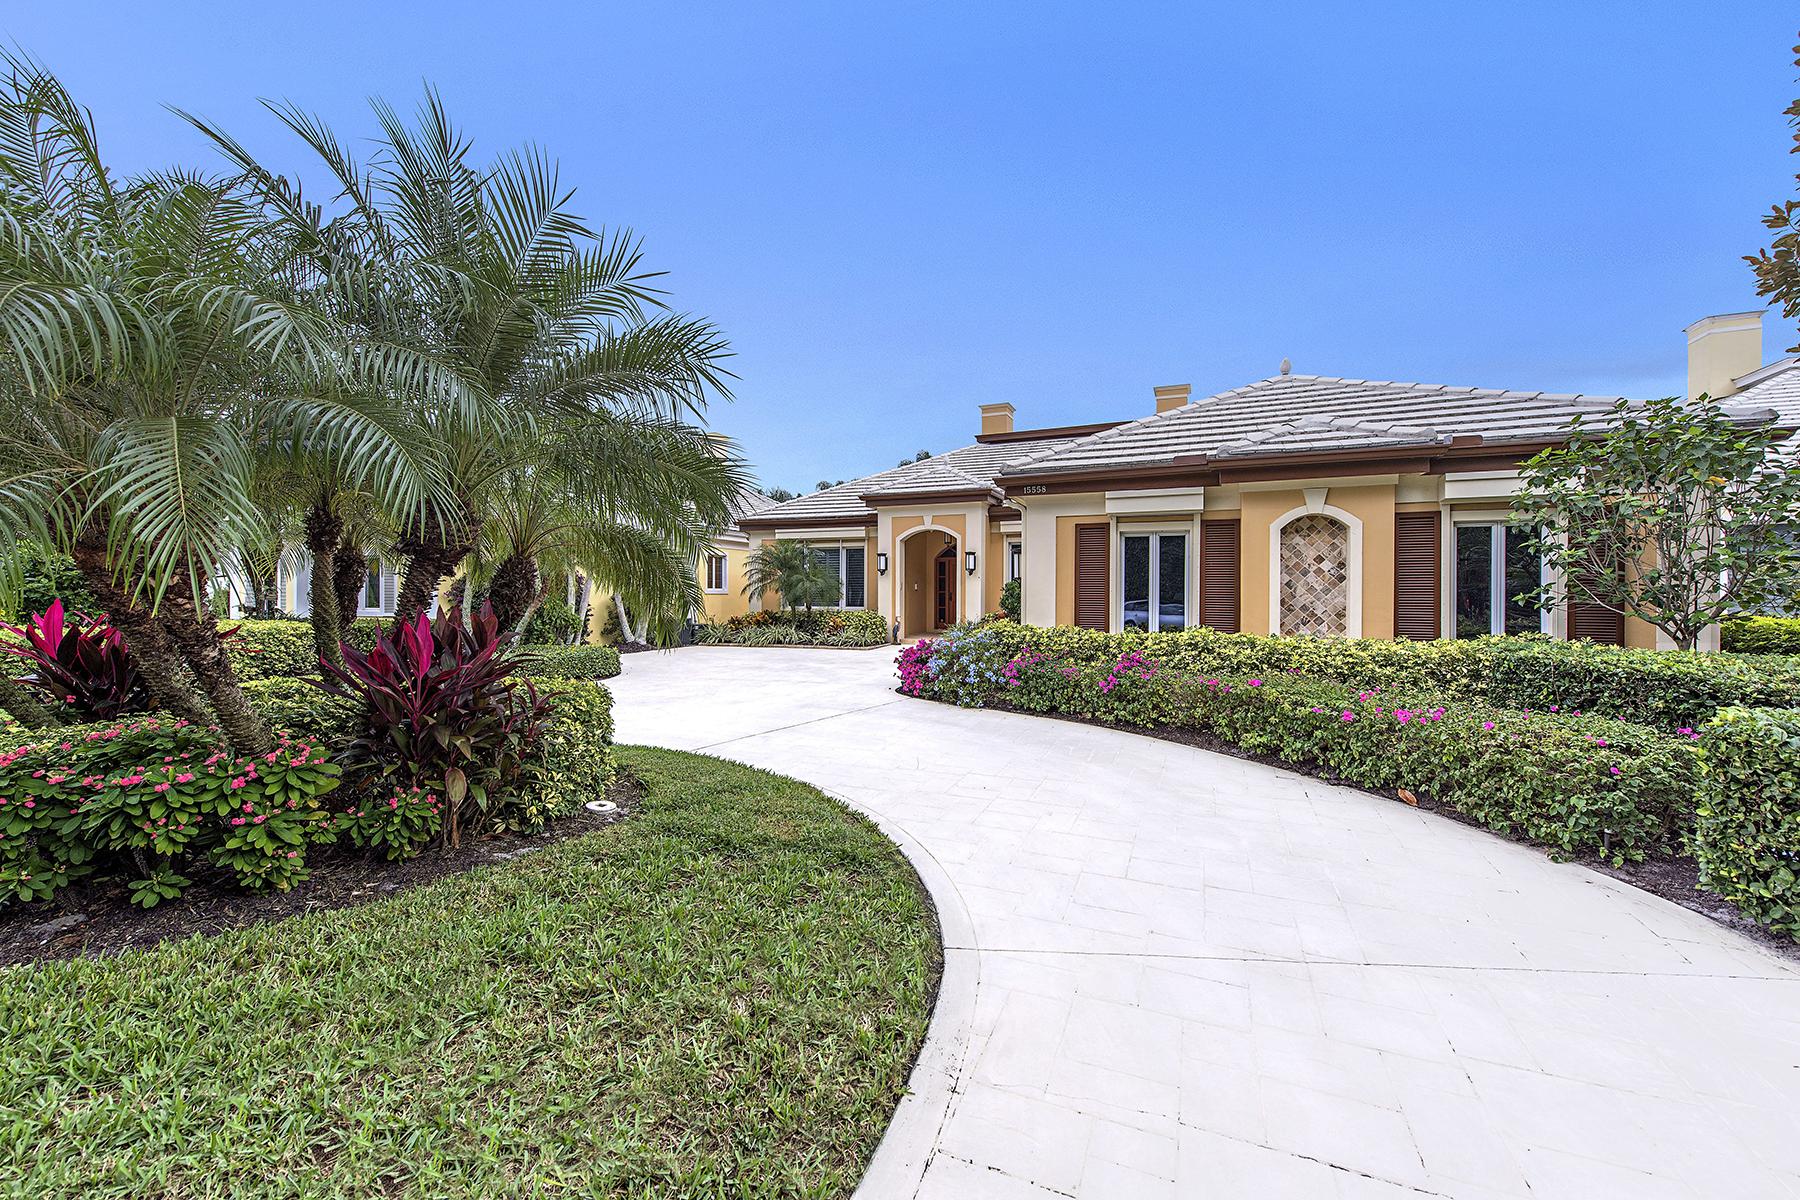 独户住宅 为 销售 在 AUDUBON COUNTRY CLUB 15558 Whitney Ln 那不勒斯, 佛罗里达州, 34110 美国